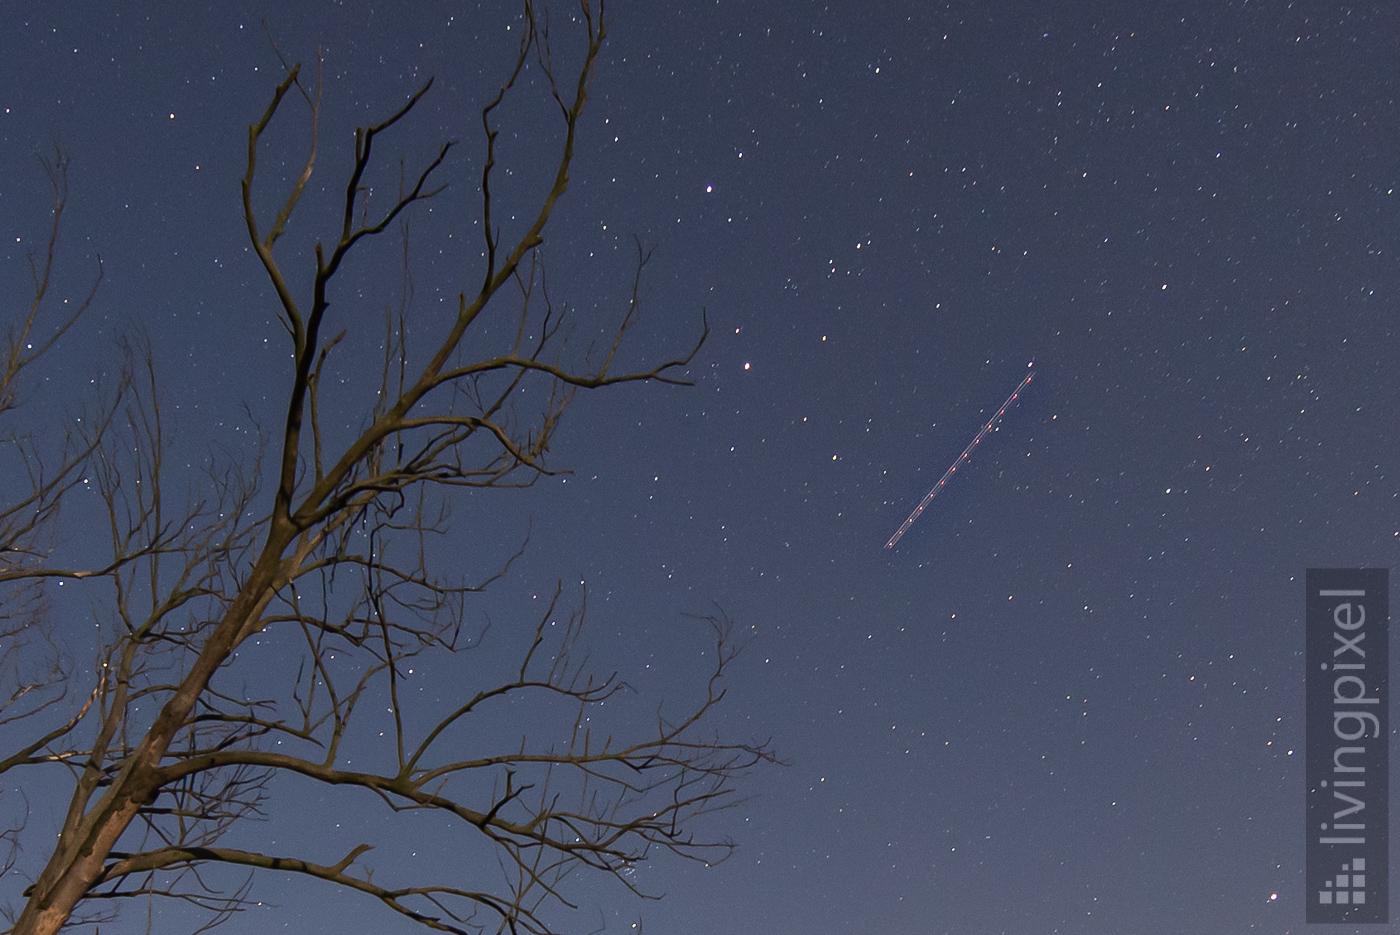 Flugzeug (Ausschnitt) am Sternenhimmel